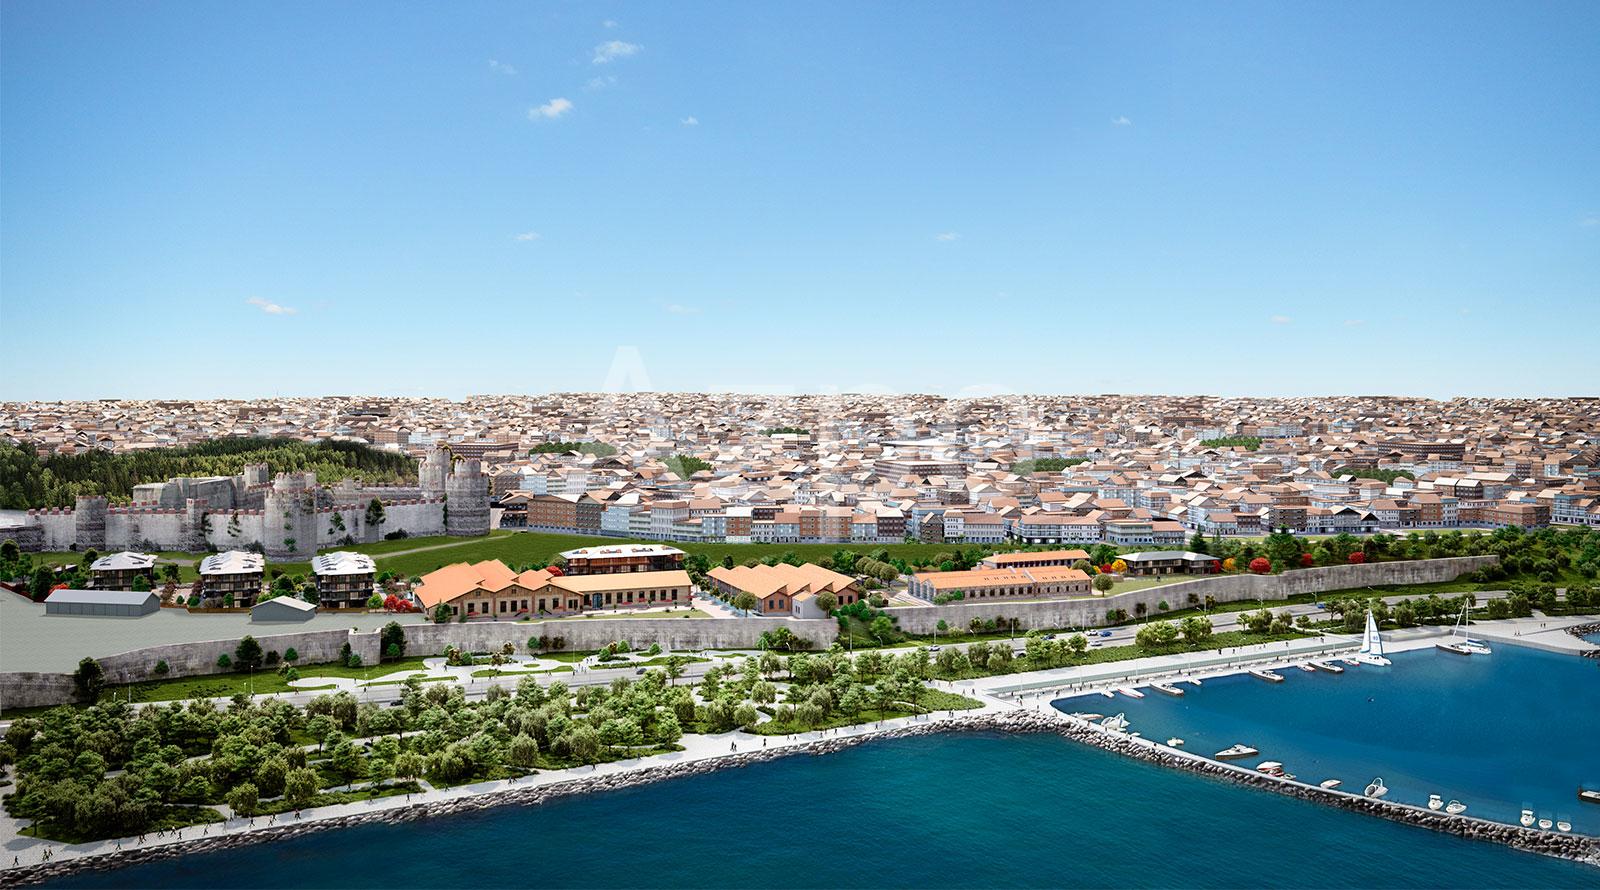 Элитная недвижимость в исторической части Стамбула - Фото 2